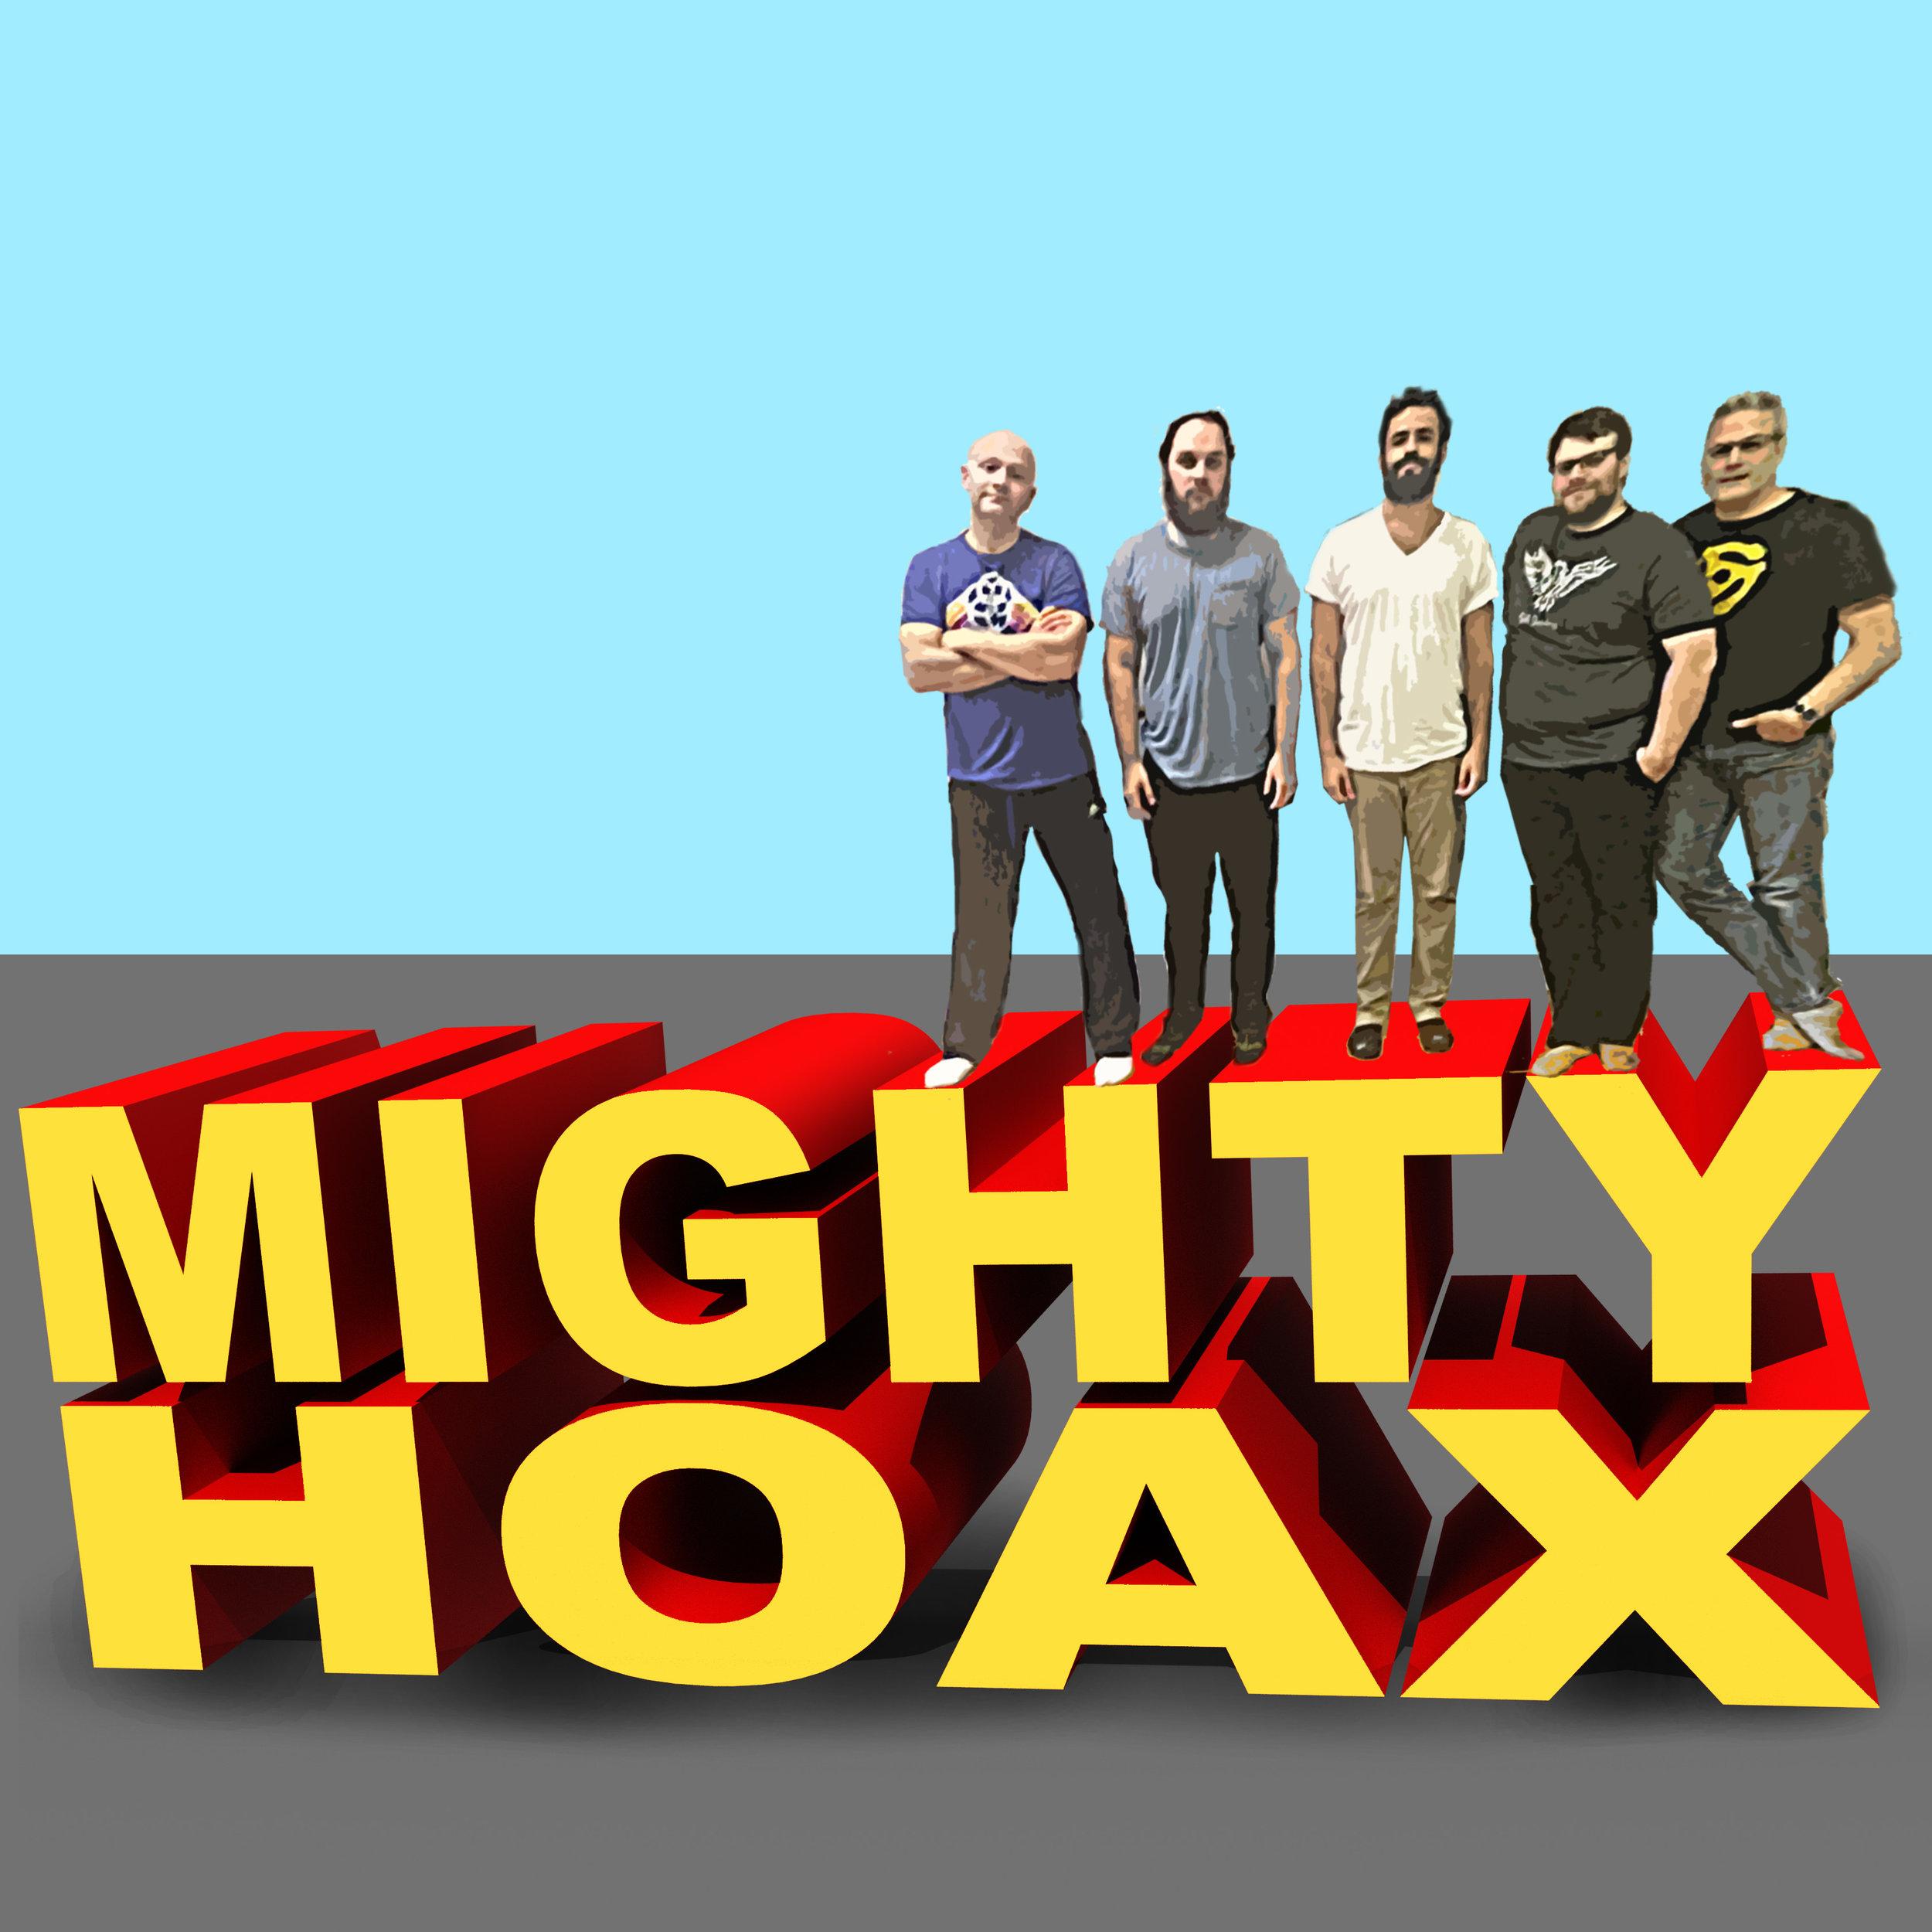 MightyHoax.jpg